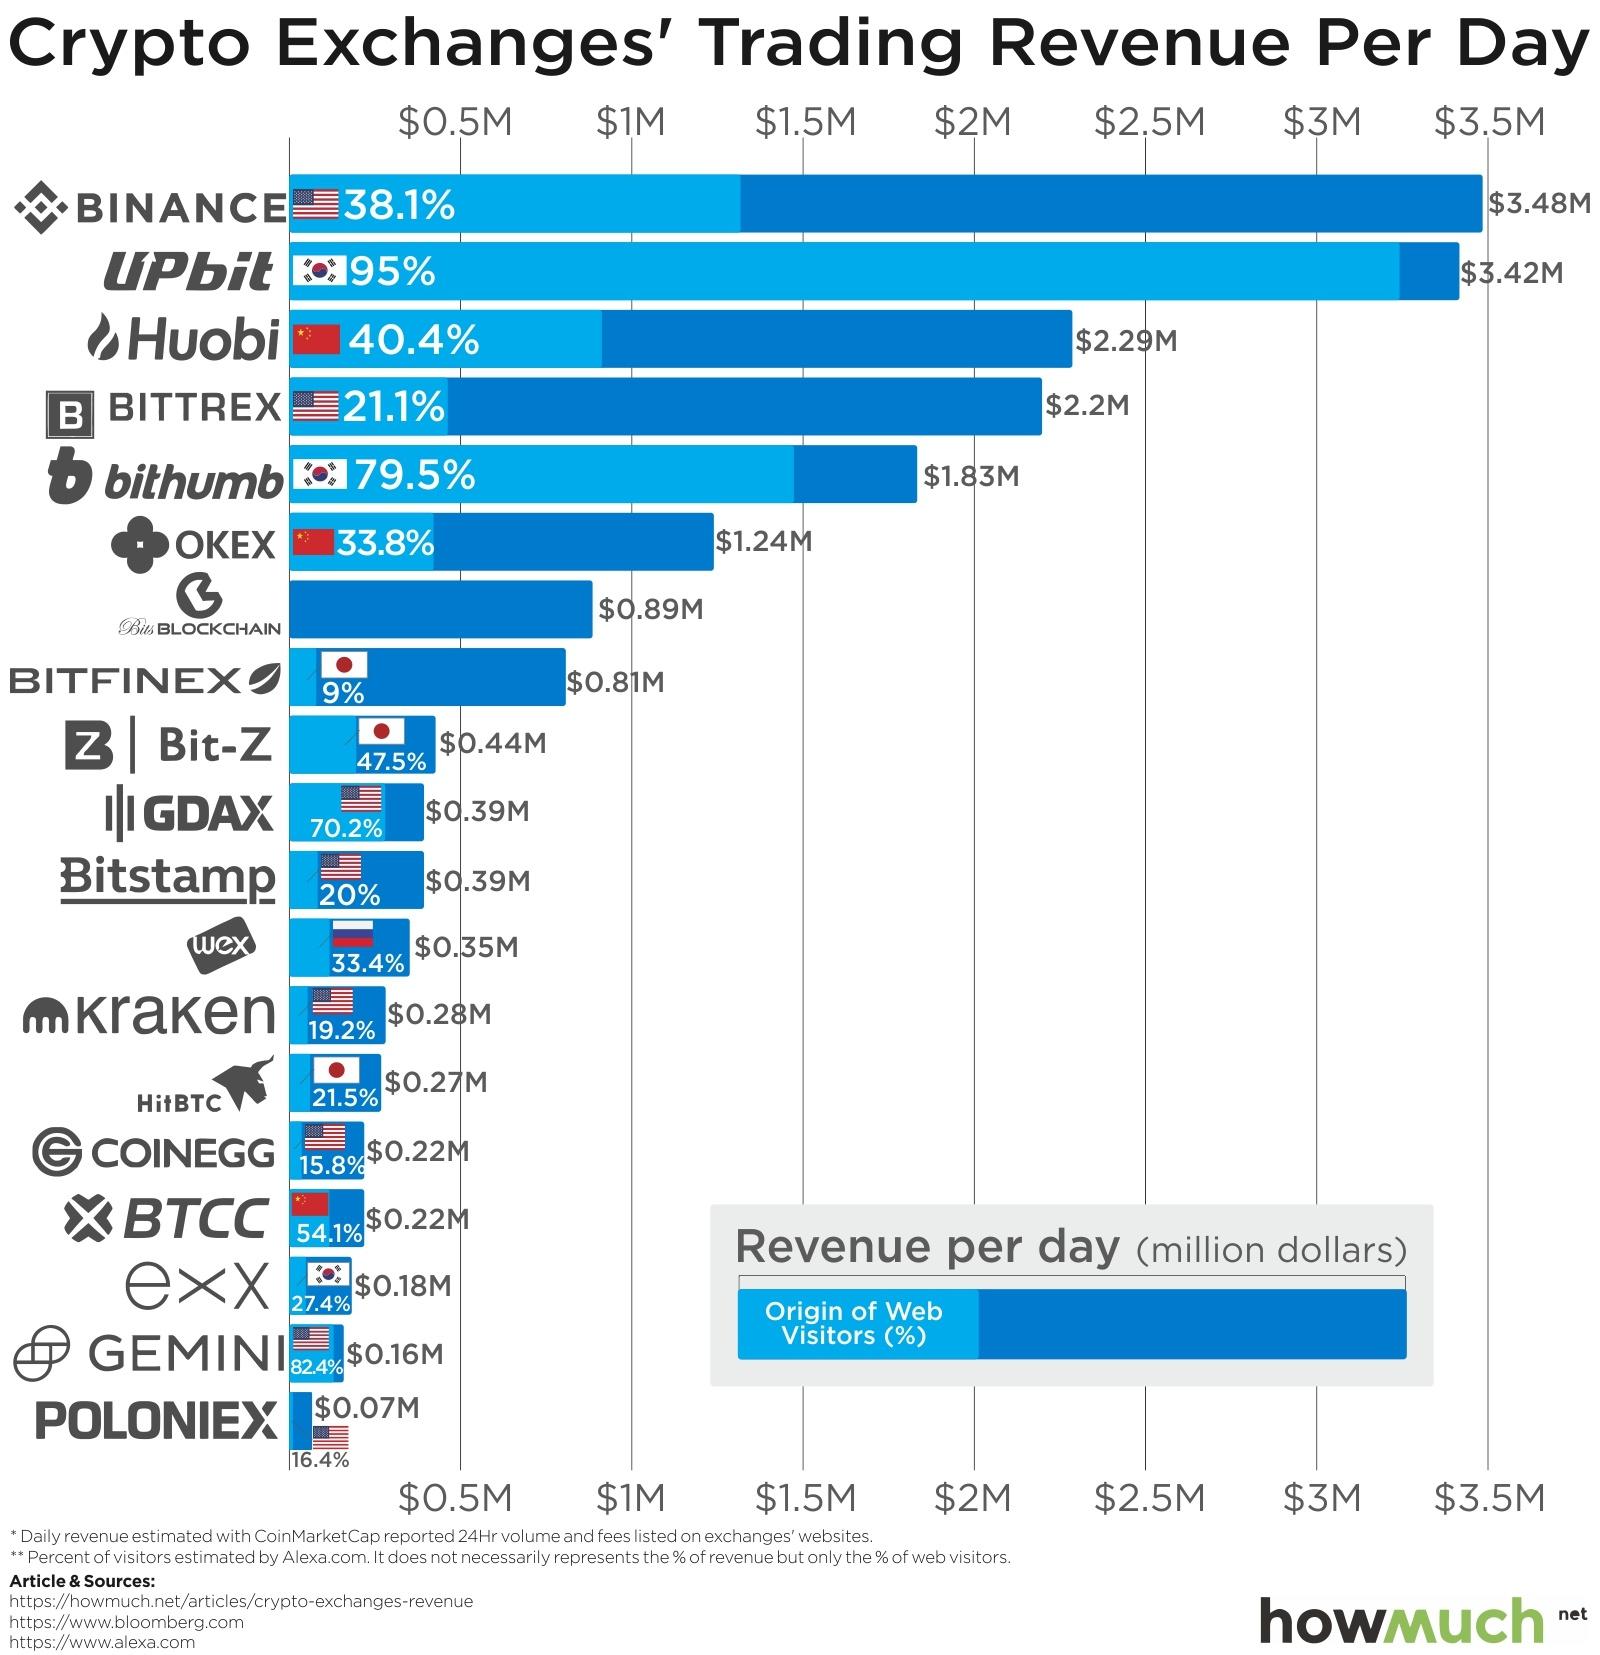 mogu li mijenjati bitcoin na druge račune mogu li trgovati bitcoinima i zaraditi više bitcoina